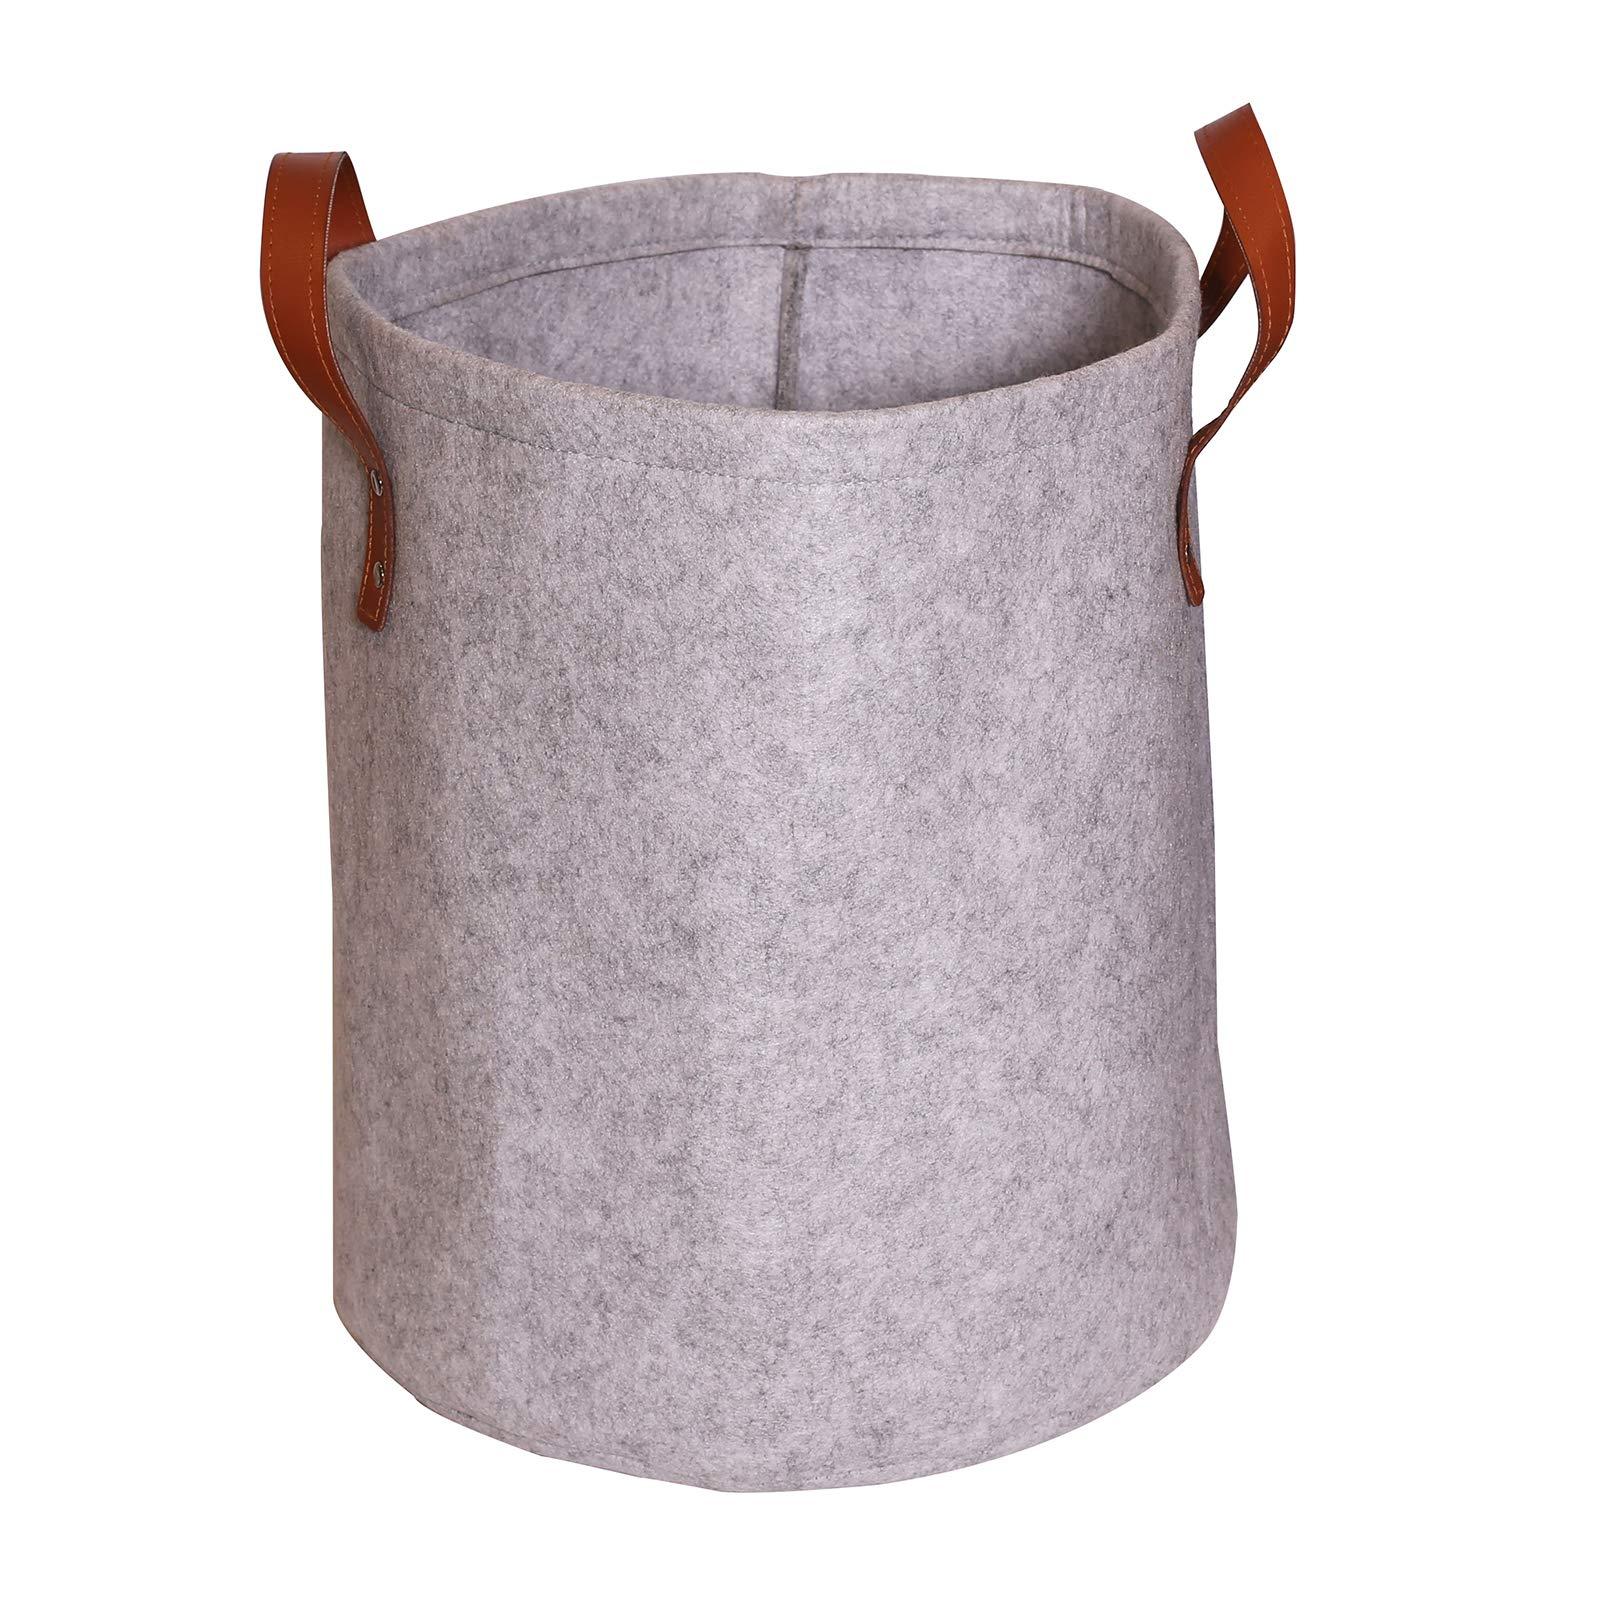 Estorager Round Felt Storage Baskets Bins with Leather Handles, Folding Home Box Organizers 35 Liter (Round LightGray)